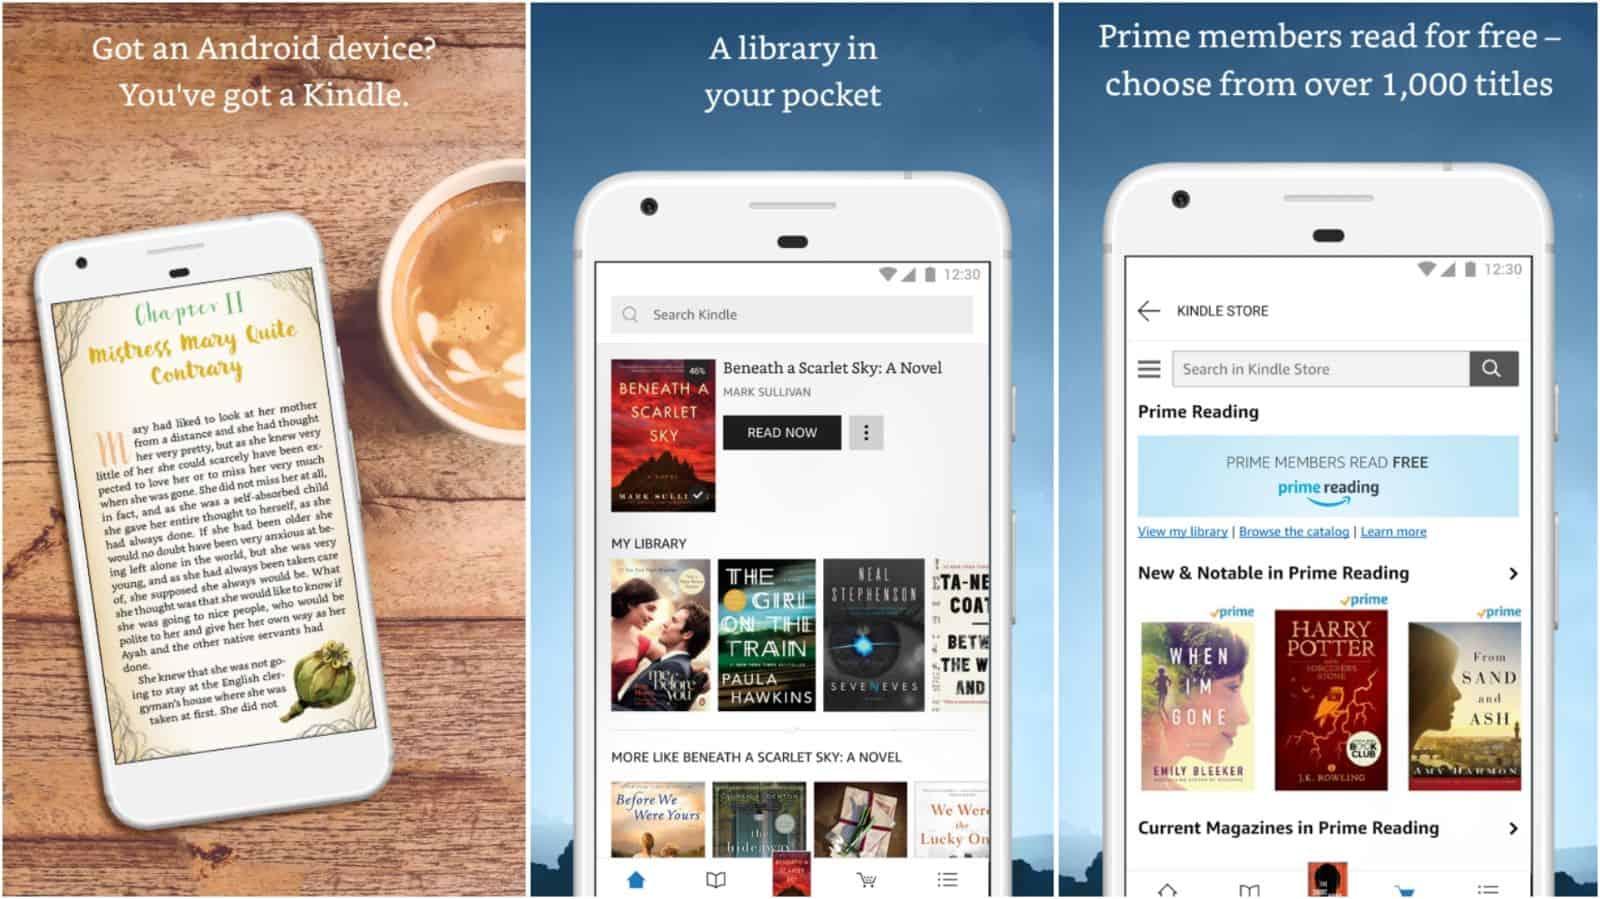 Amazon Kindle app grid image